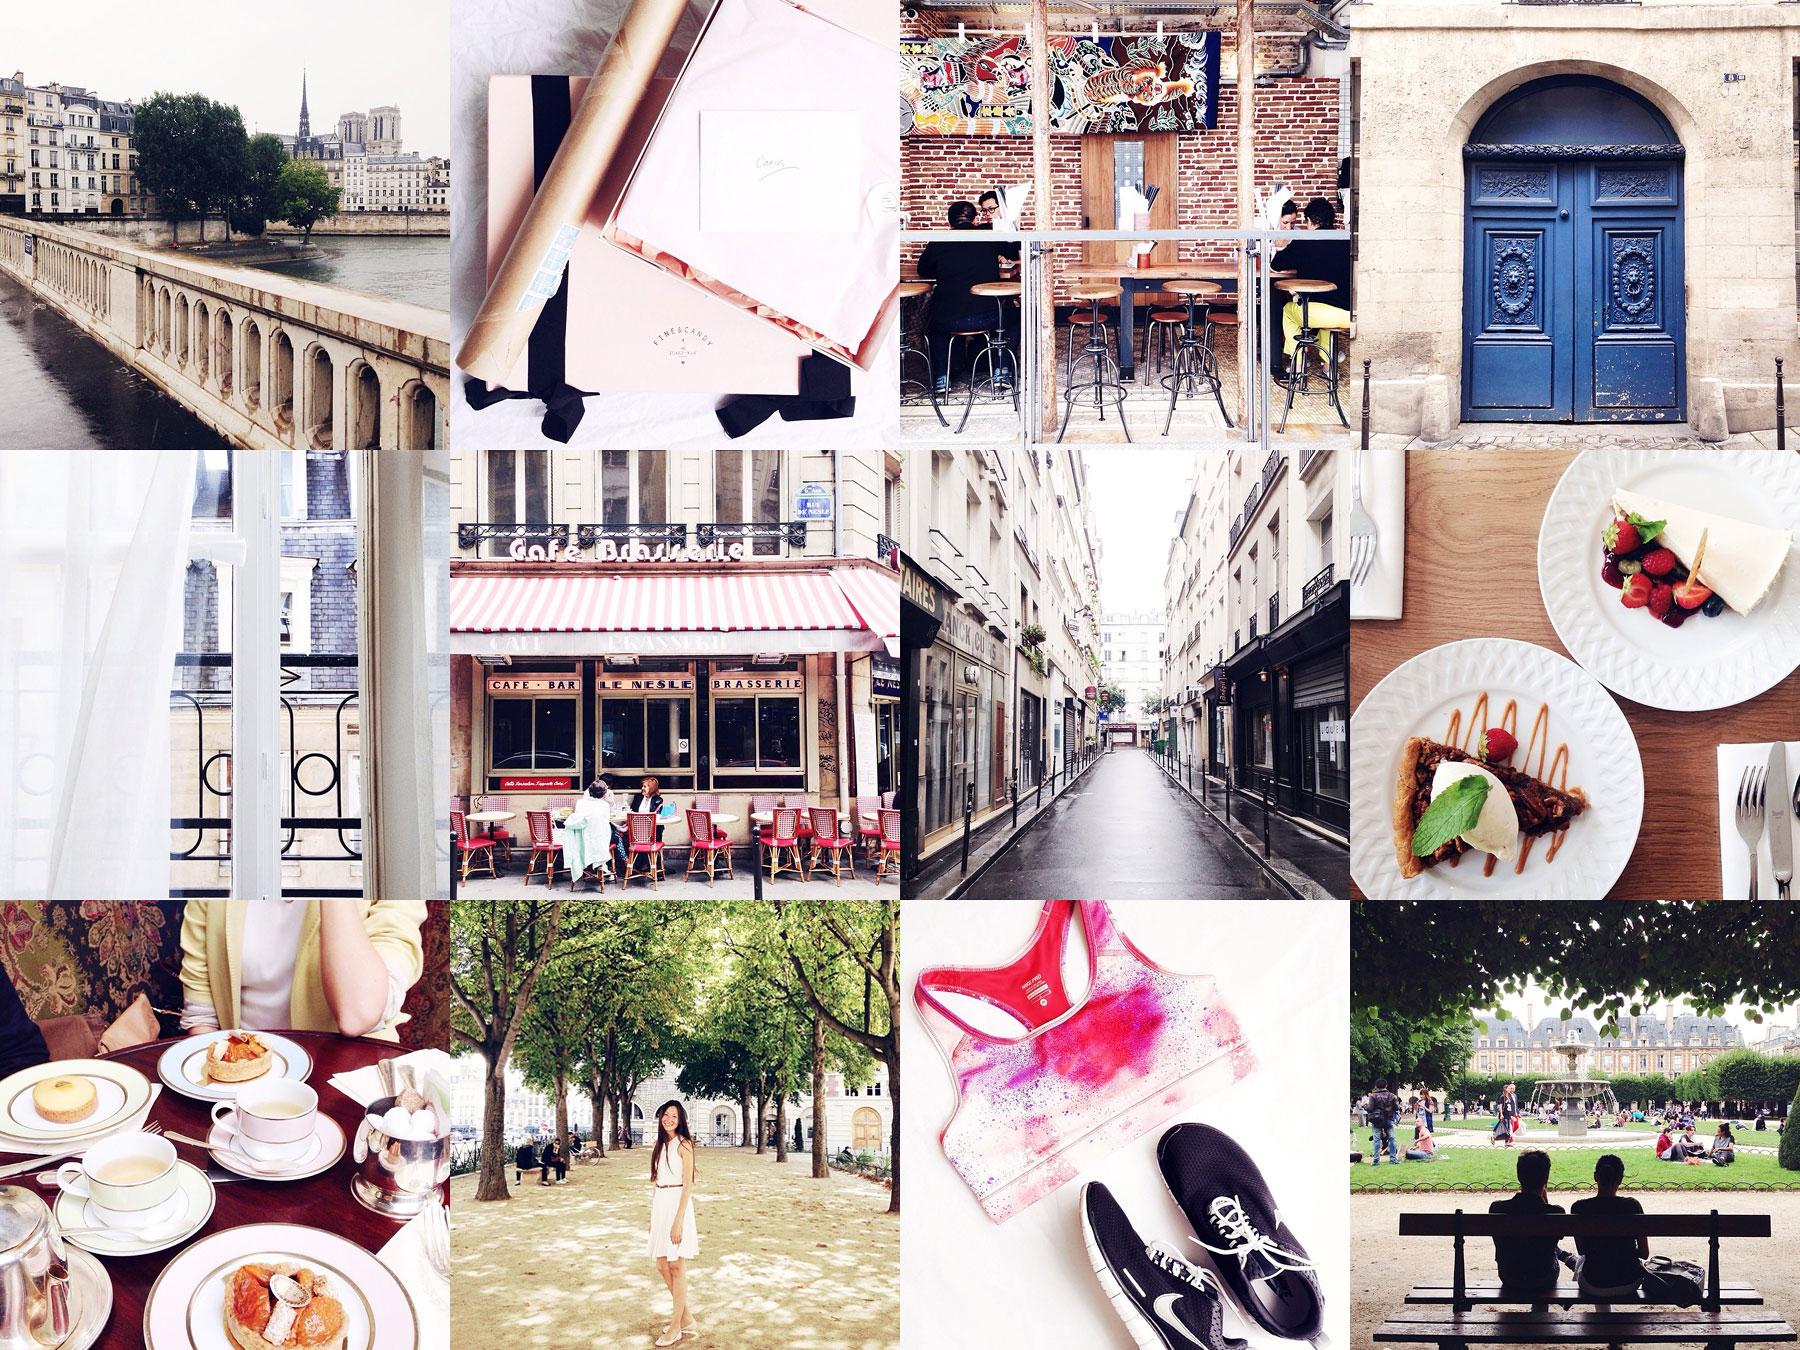 Paris in Four Months on Instagram